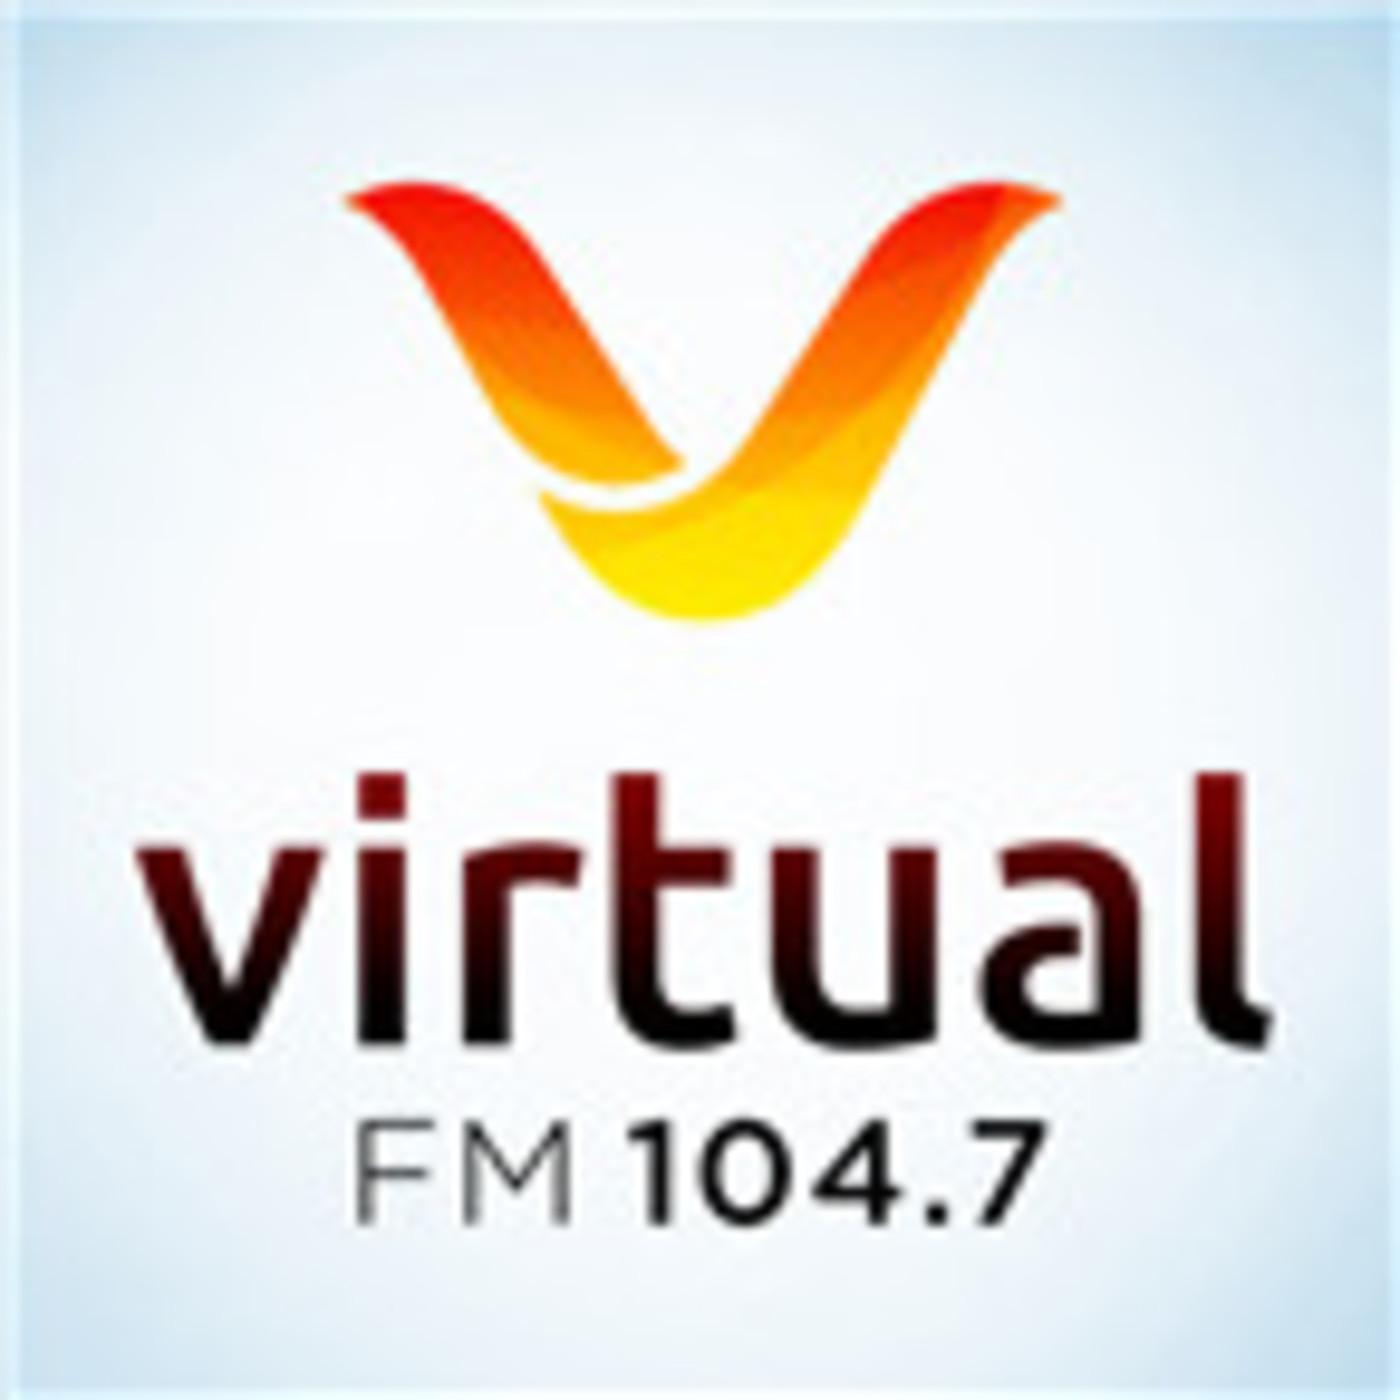 Virtual FM 104.7 live online